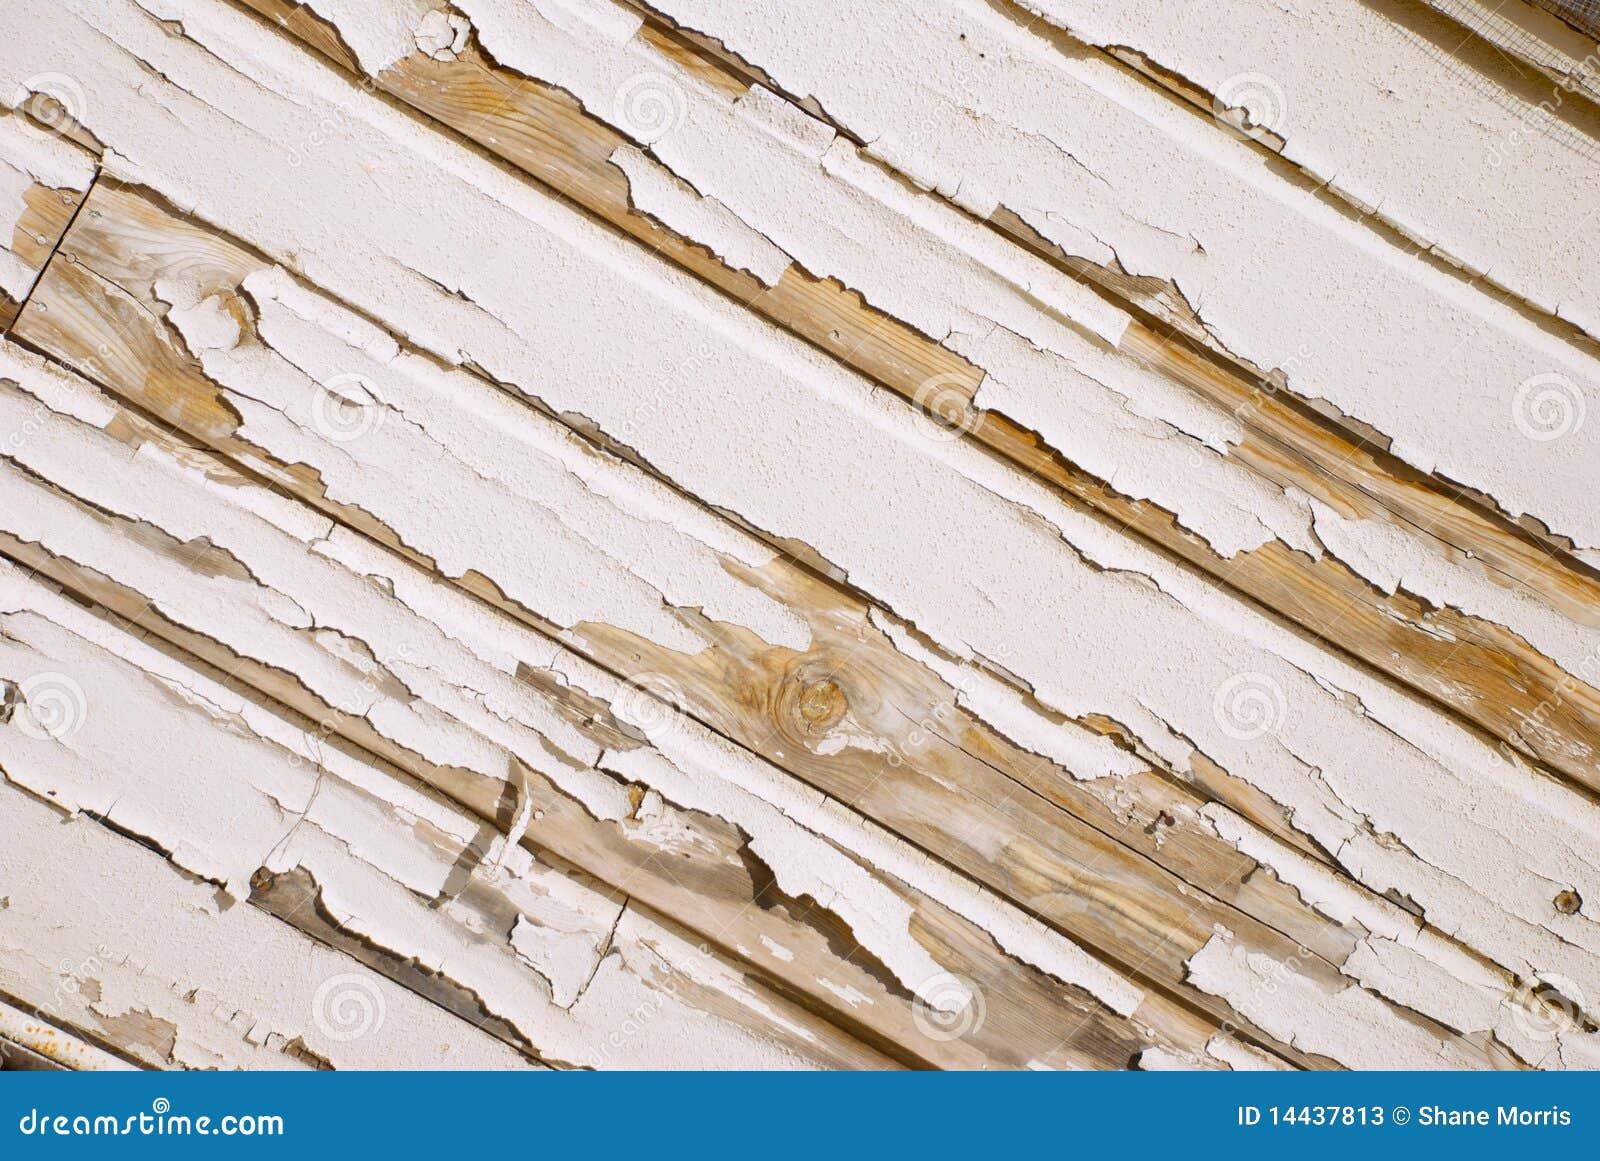 Pared de madera vieja con la pintura blanca agrietada en - Pintura blanca para madera ...